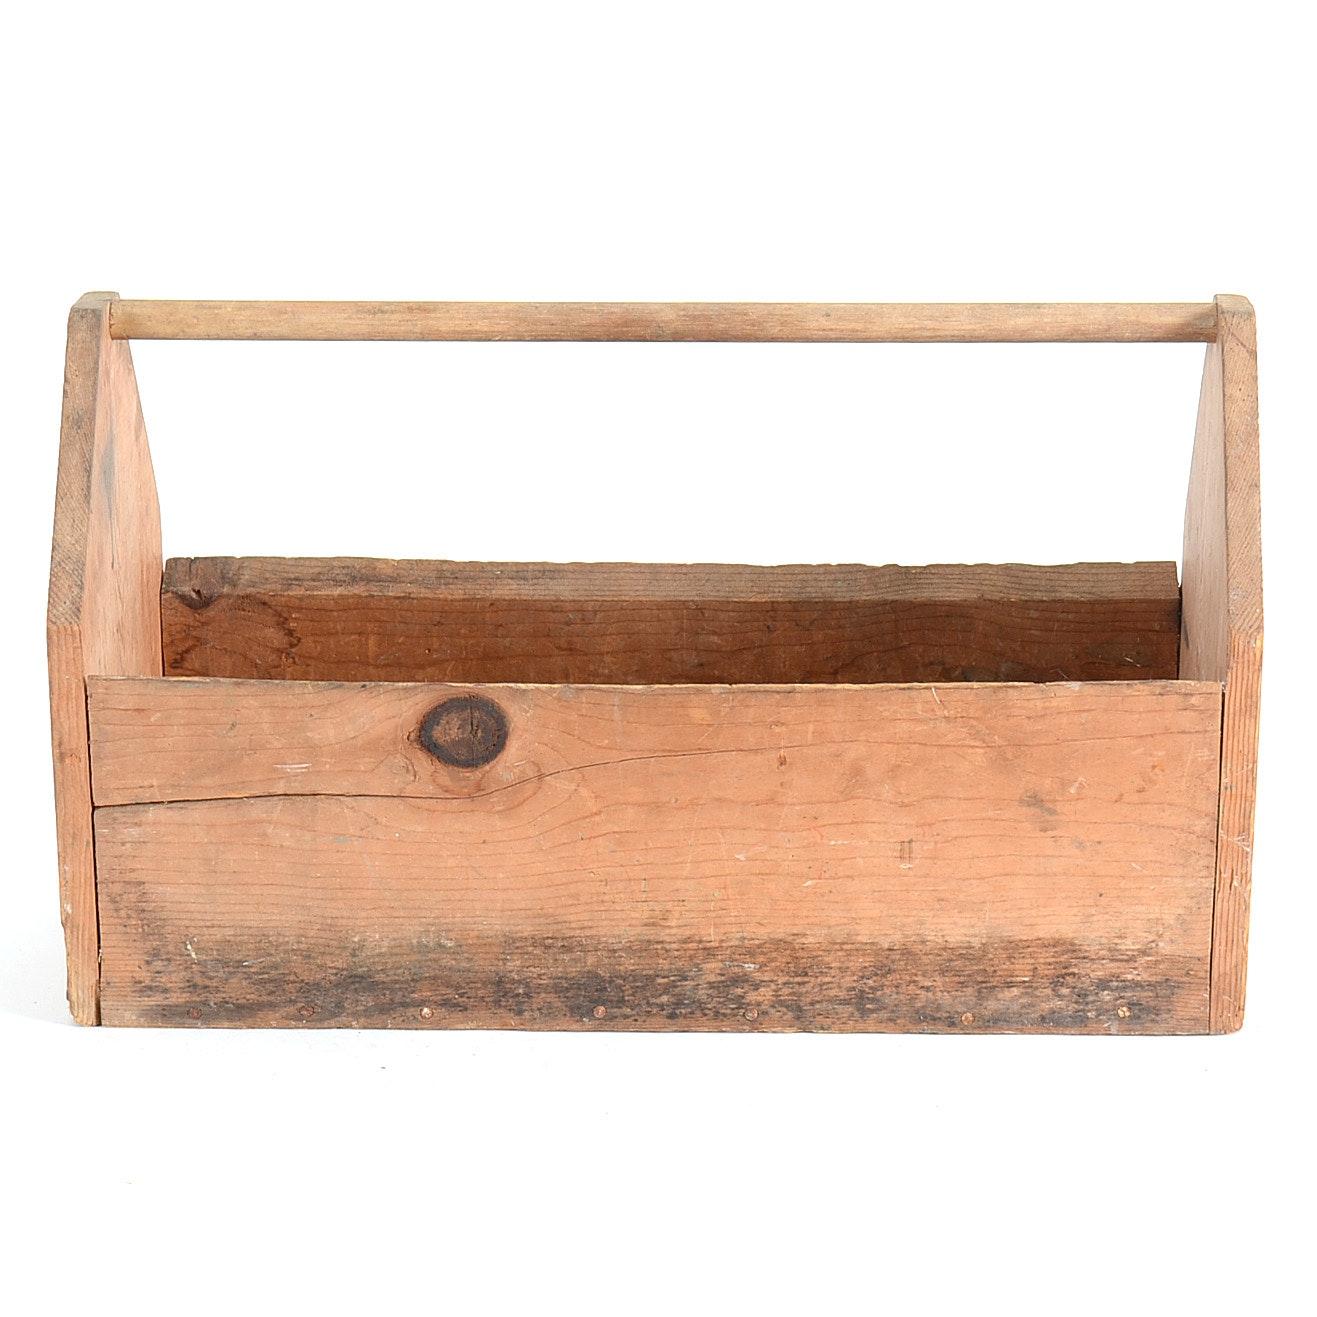 Antique Wood Carpenter's Toolbox